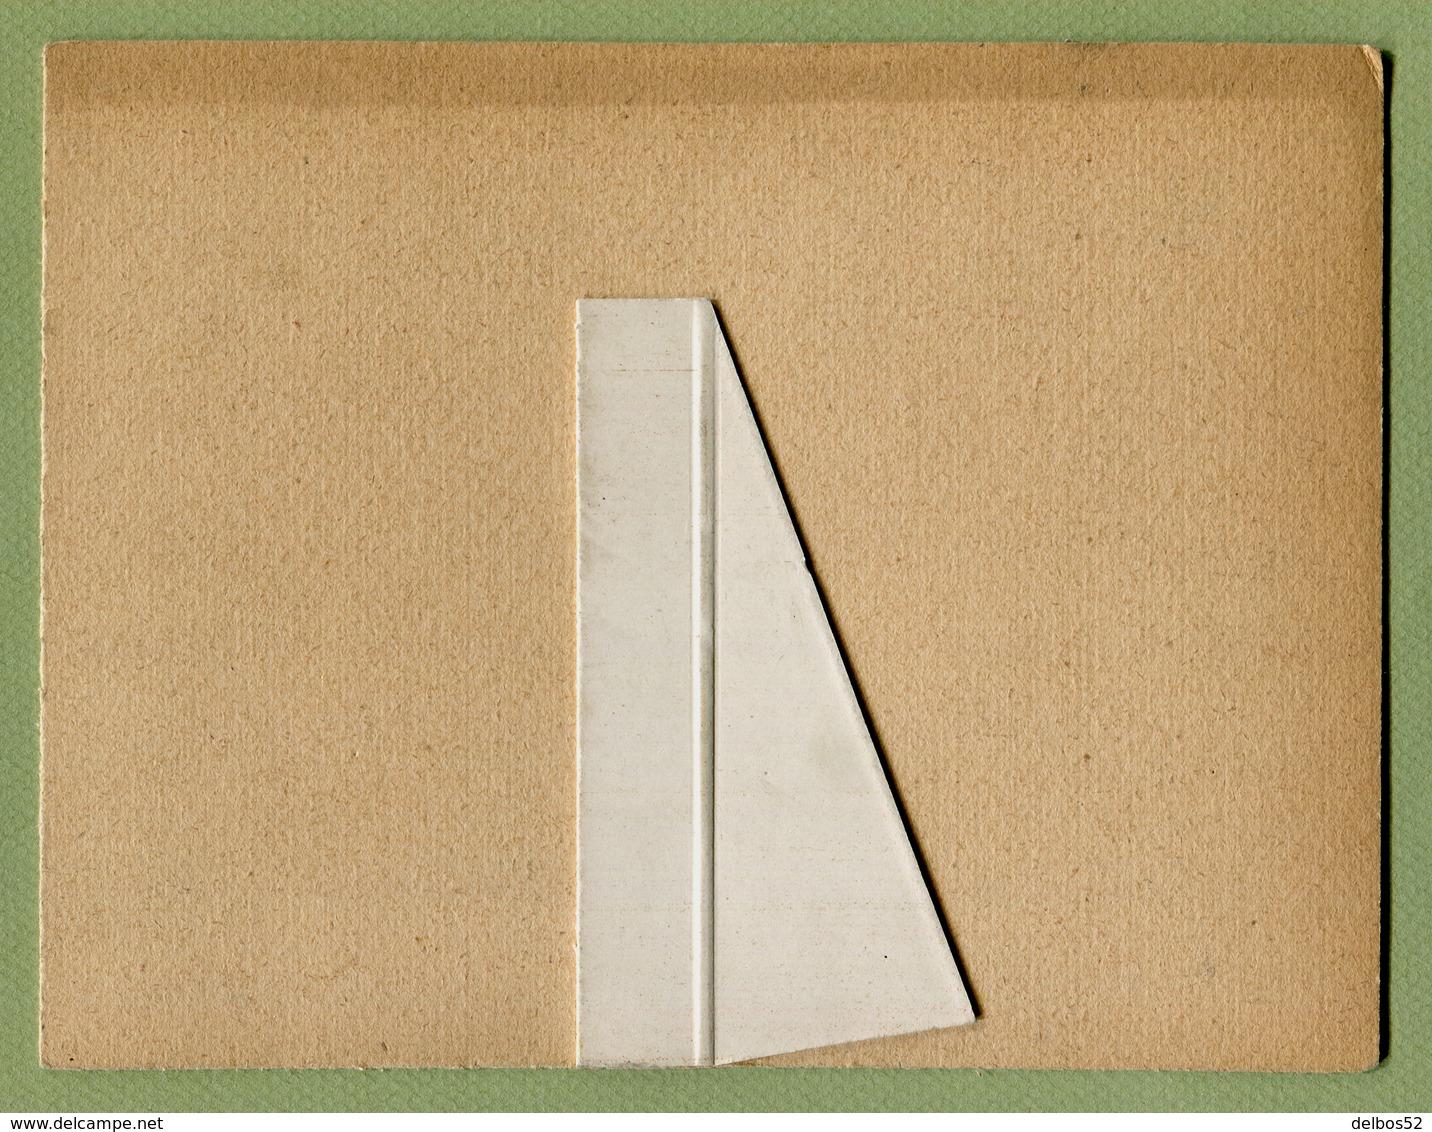 GYRALDOSE : CARTON PUBLICITAIRE PHARMACEUTIQUE ( FEMME ART-DECO ) - Placas De Cartón